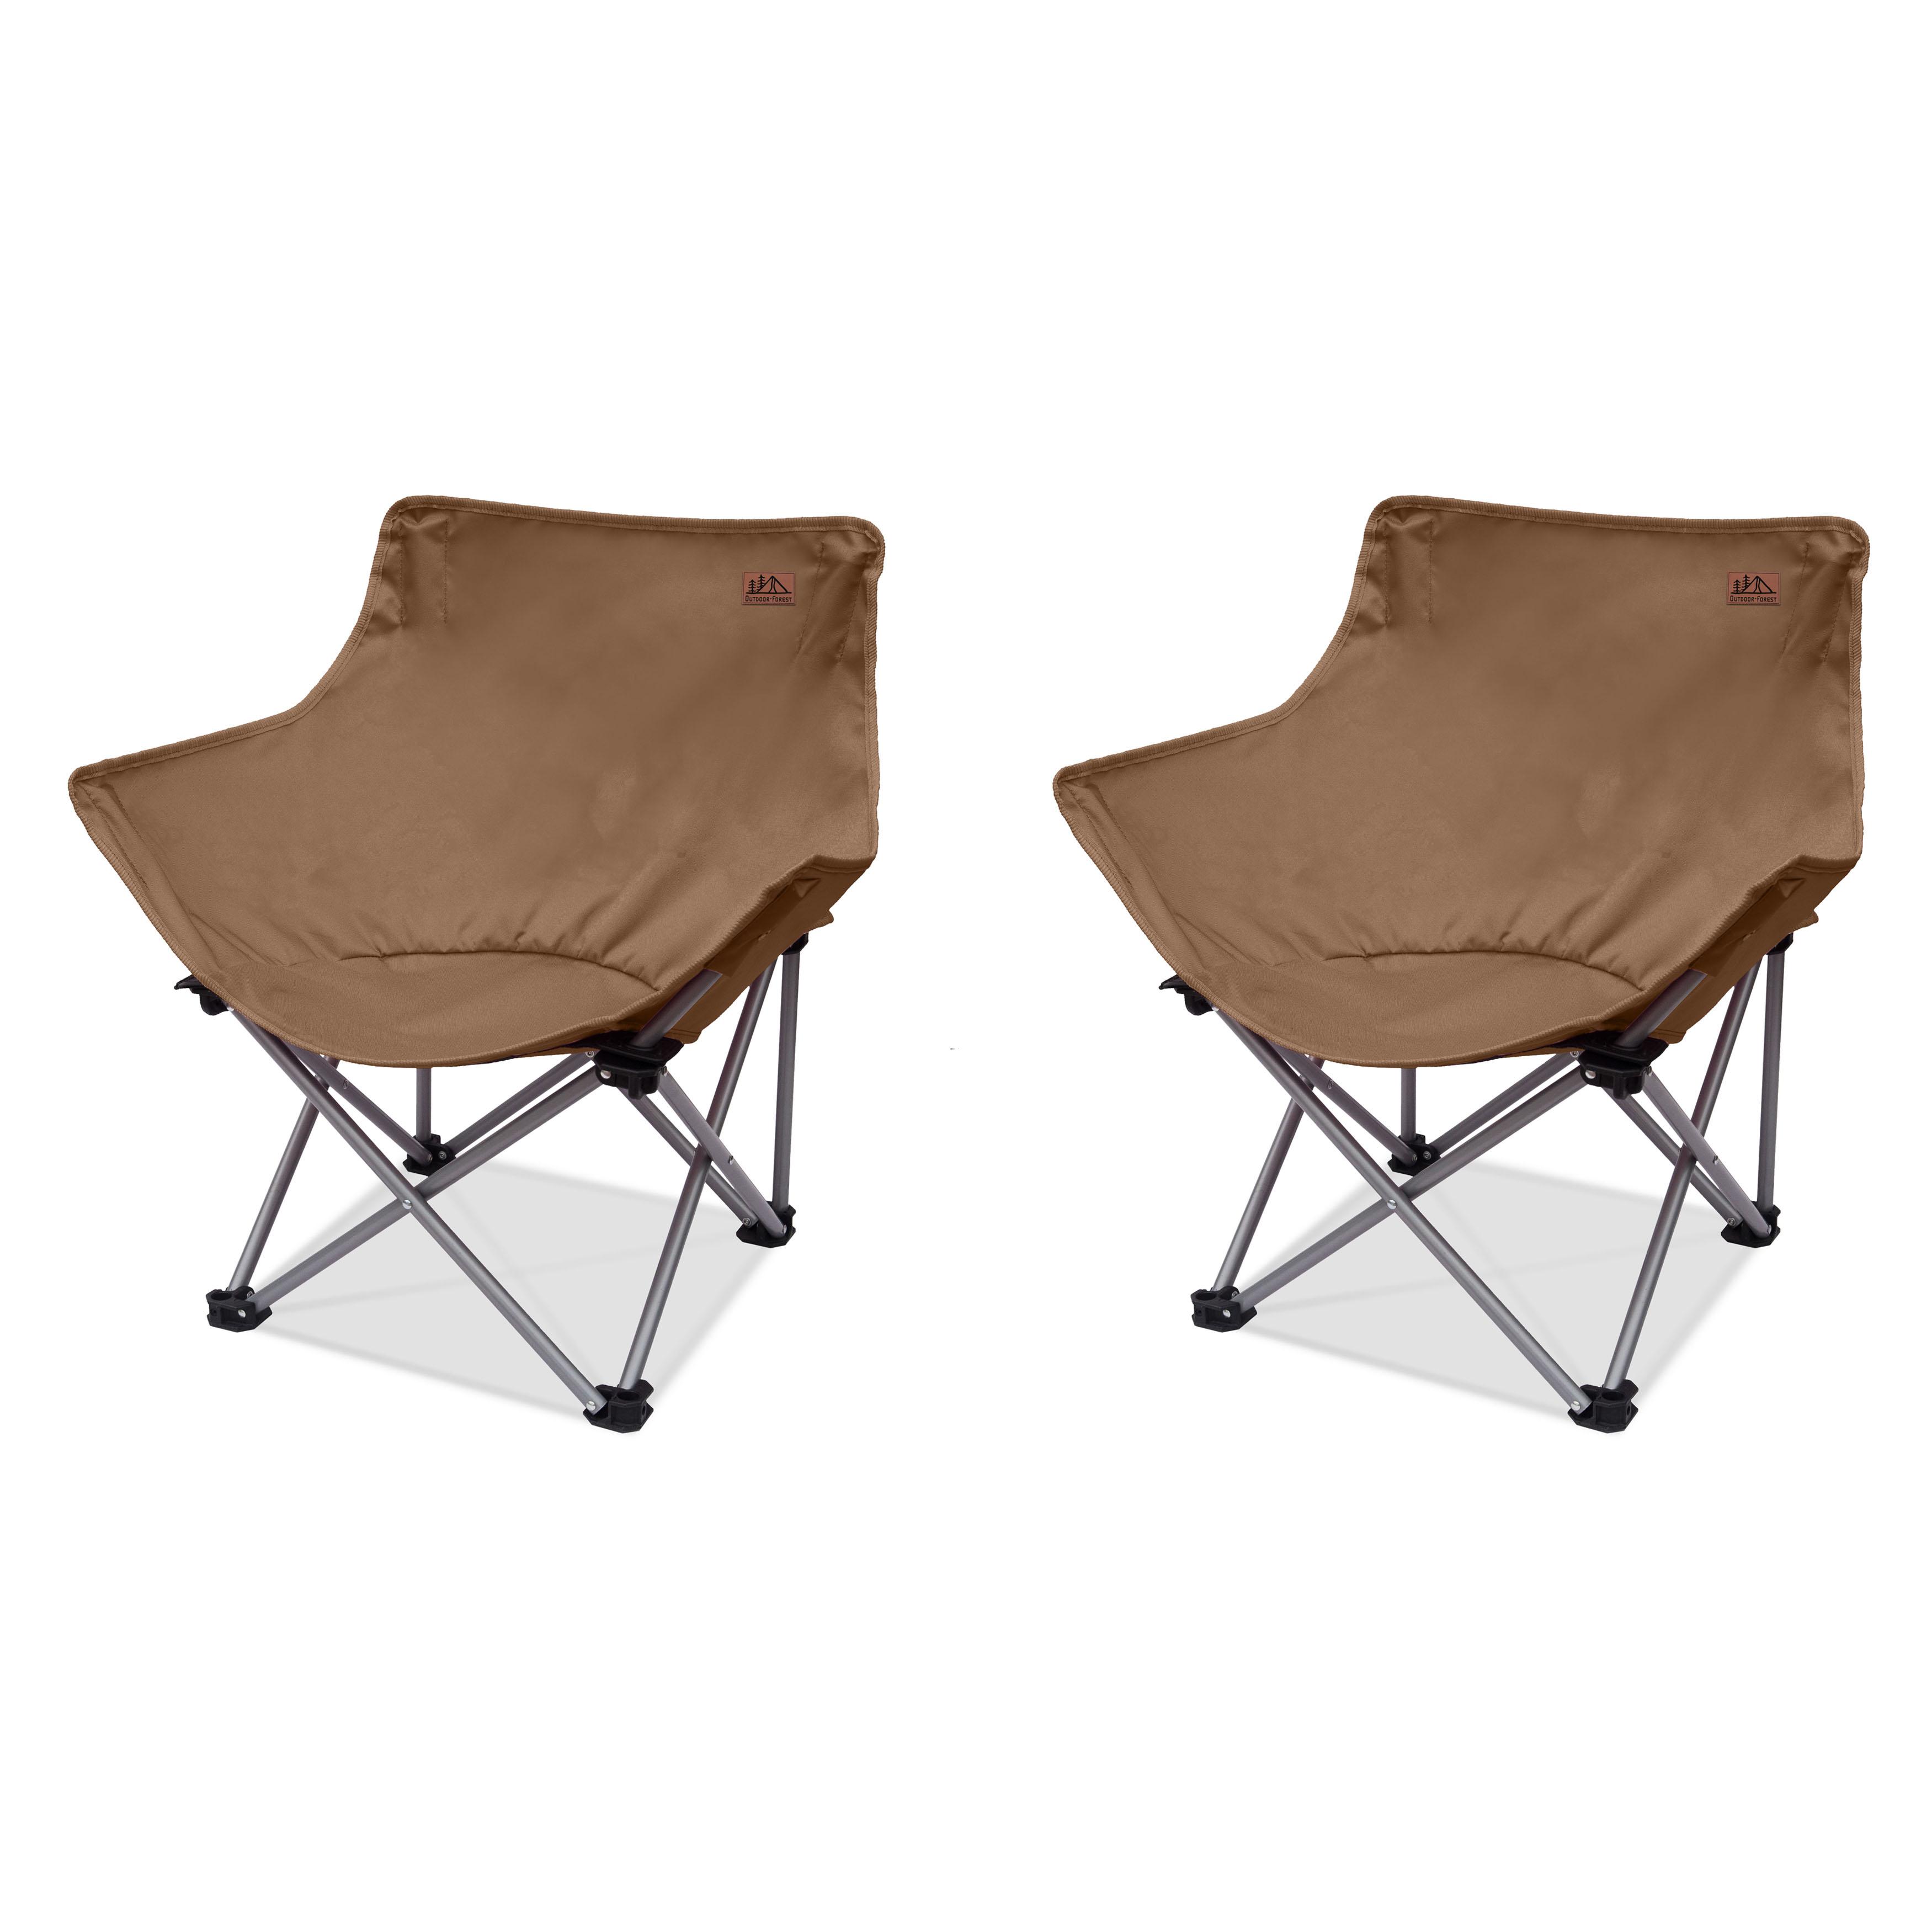 [쿠팡 직수입] 아웃도어 포레스트 컴포트 캠핑 체어 세트, 브라운, 2개